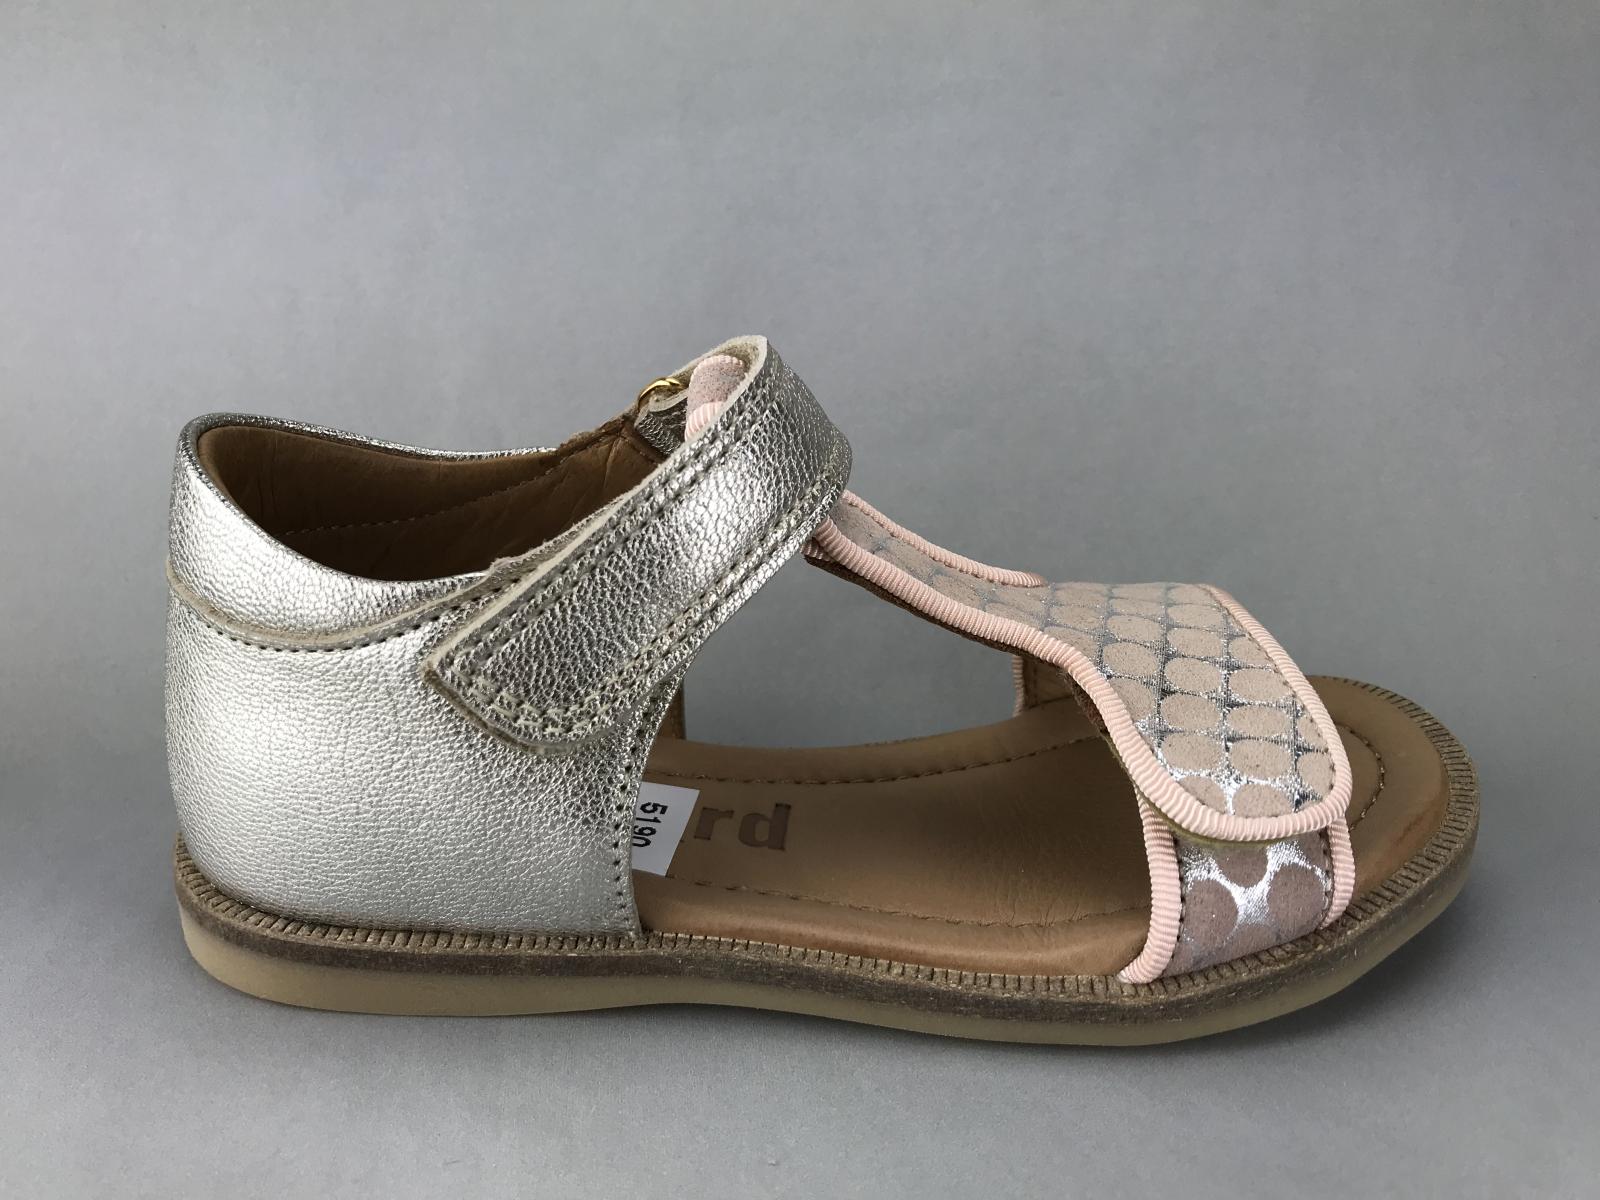 4f17a9a3910d Bisgaard pige sandal - rosa kombi - BØRN - zjoos-hjoerring.dk